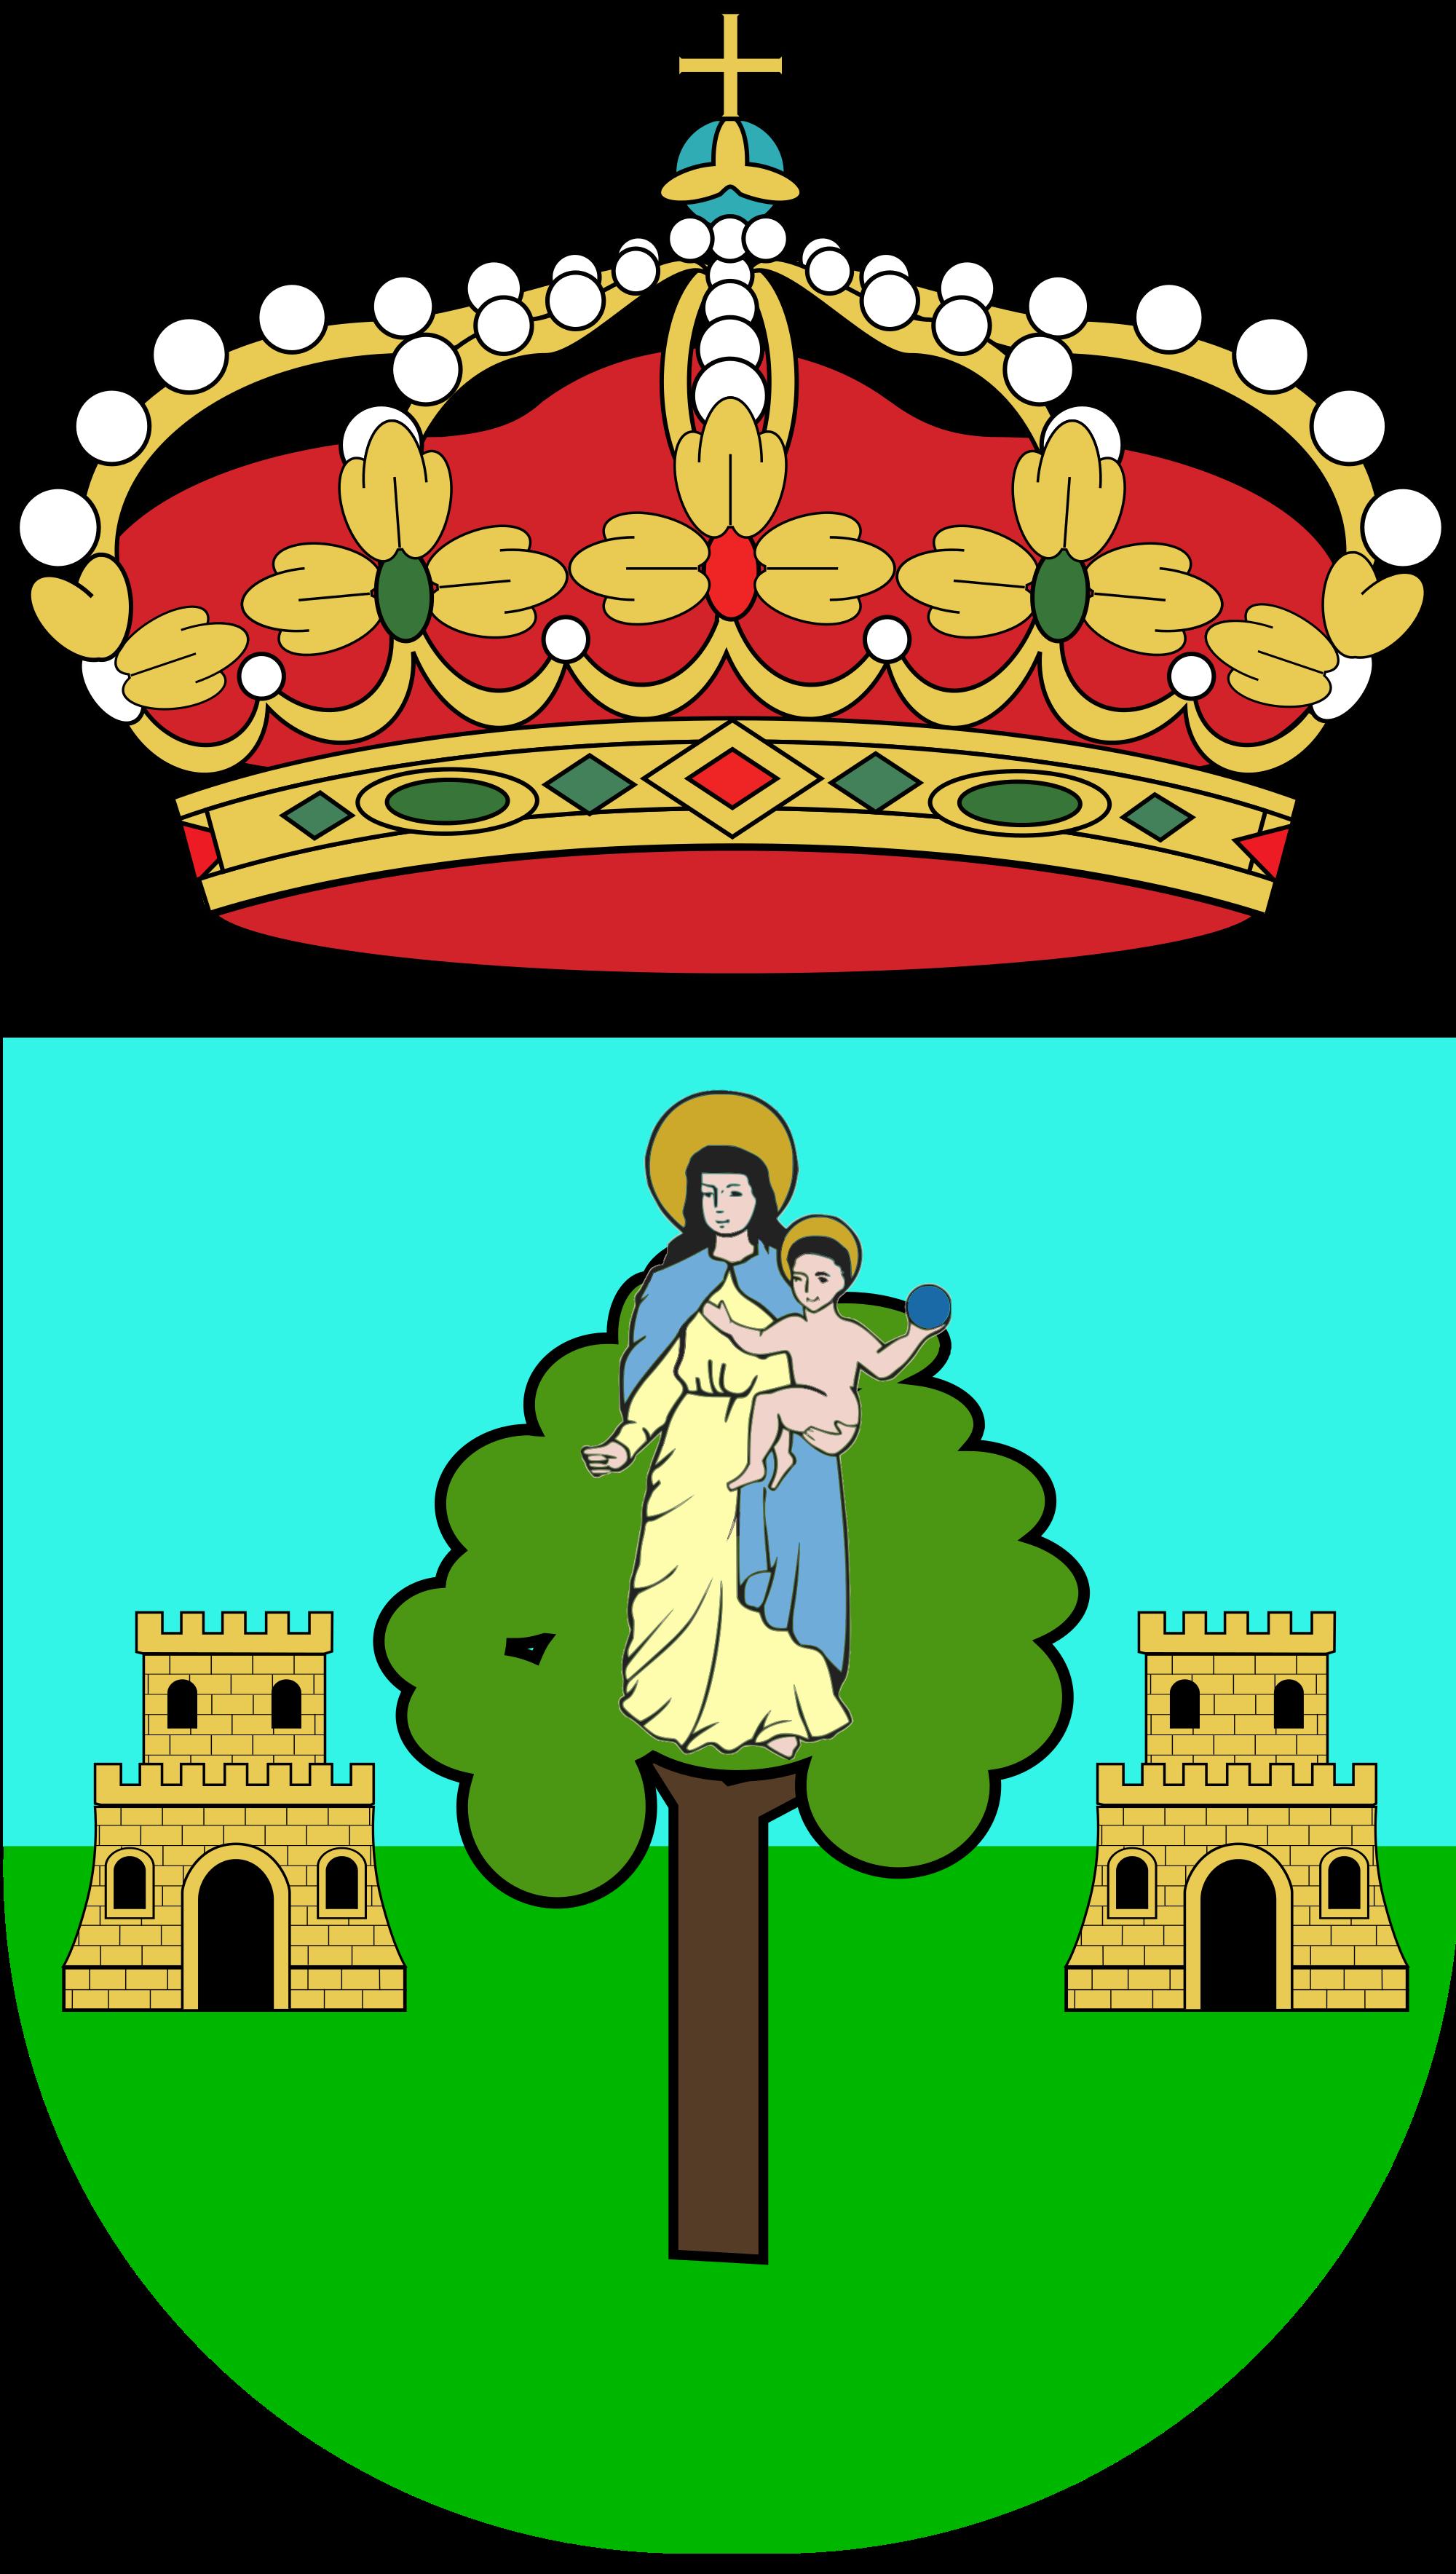 File:Escudo Baños de la Encina.svg.